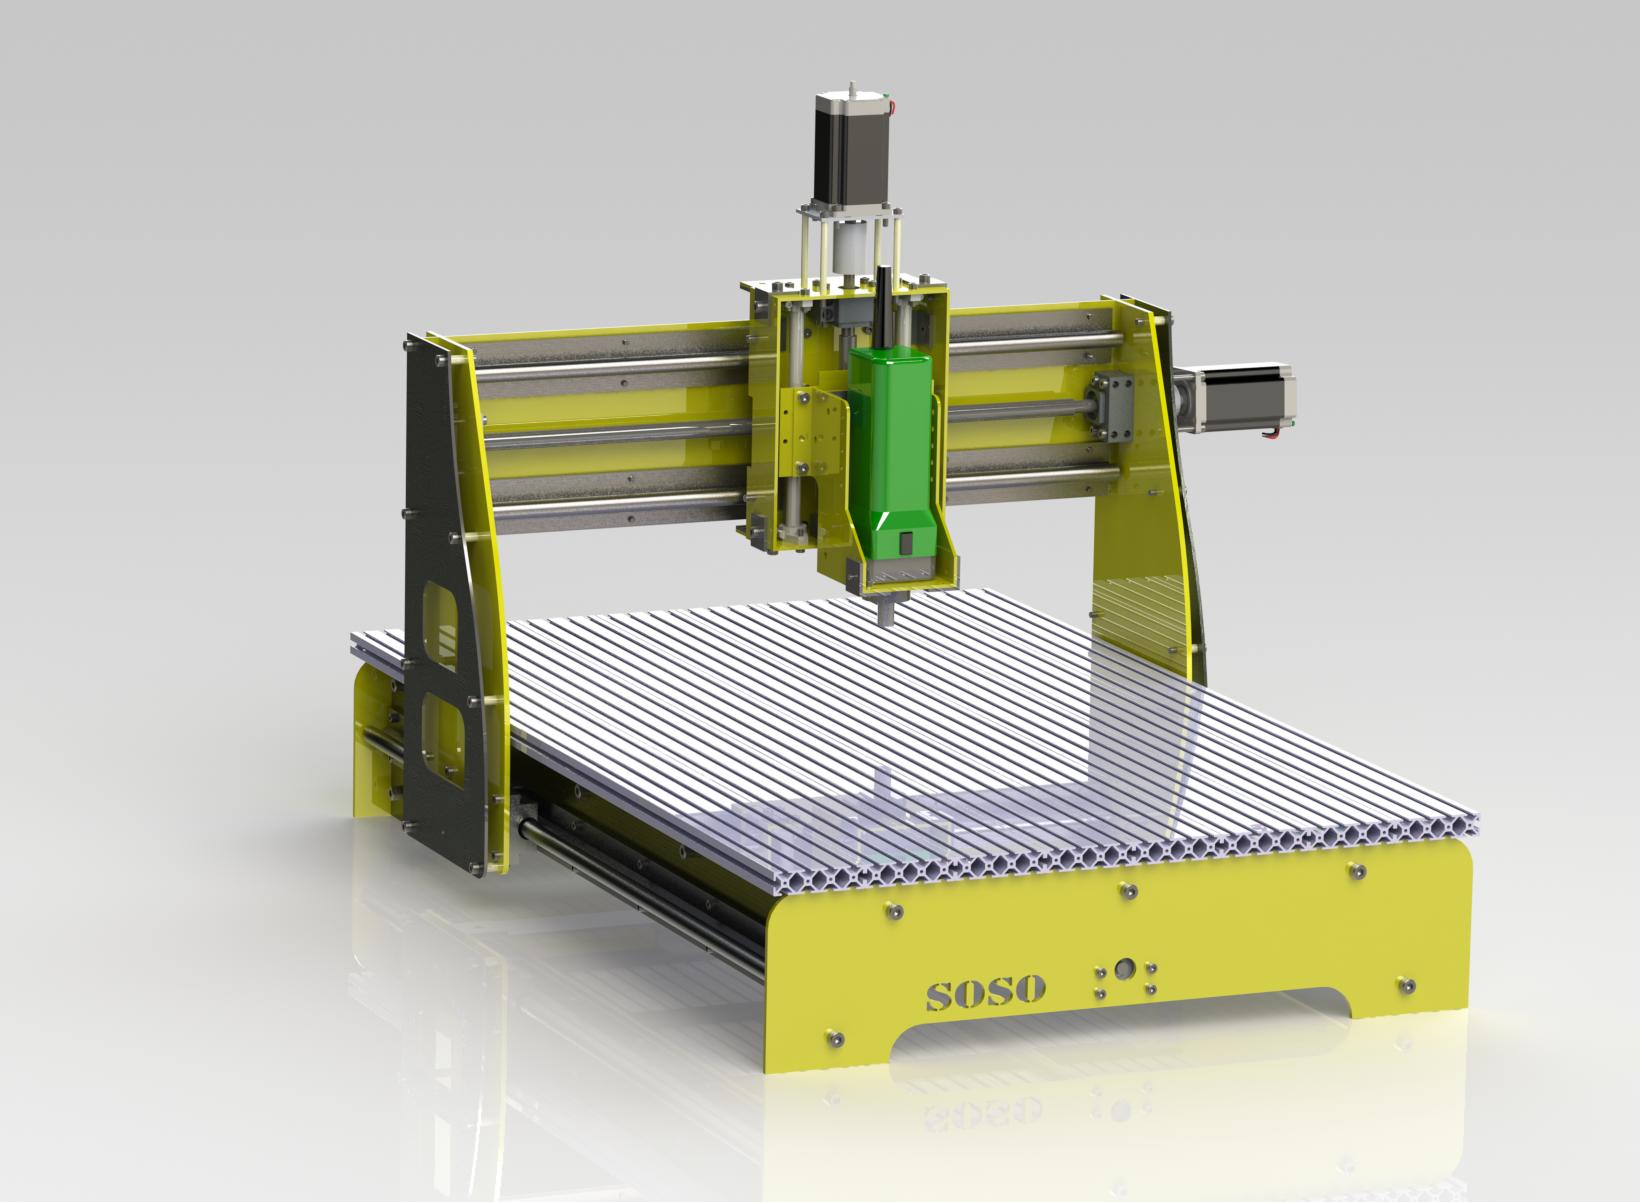 Imagens de #A19D2A Blocos FP 3D: Mesa de Corte CNC – Blocos Fabrica do Projeto 1640x1202 px 3432 Bloco Cad Banheiro Corte